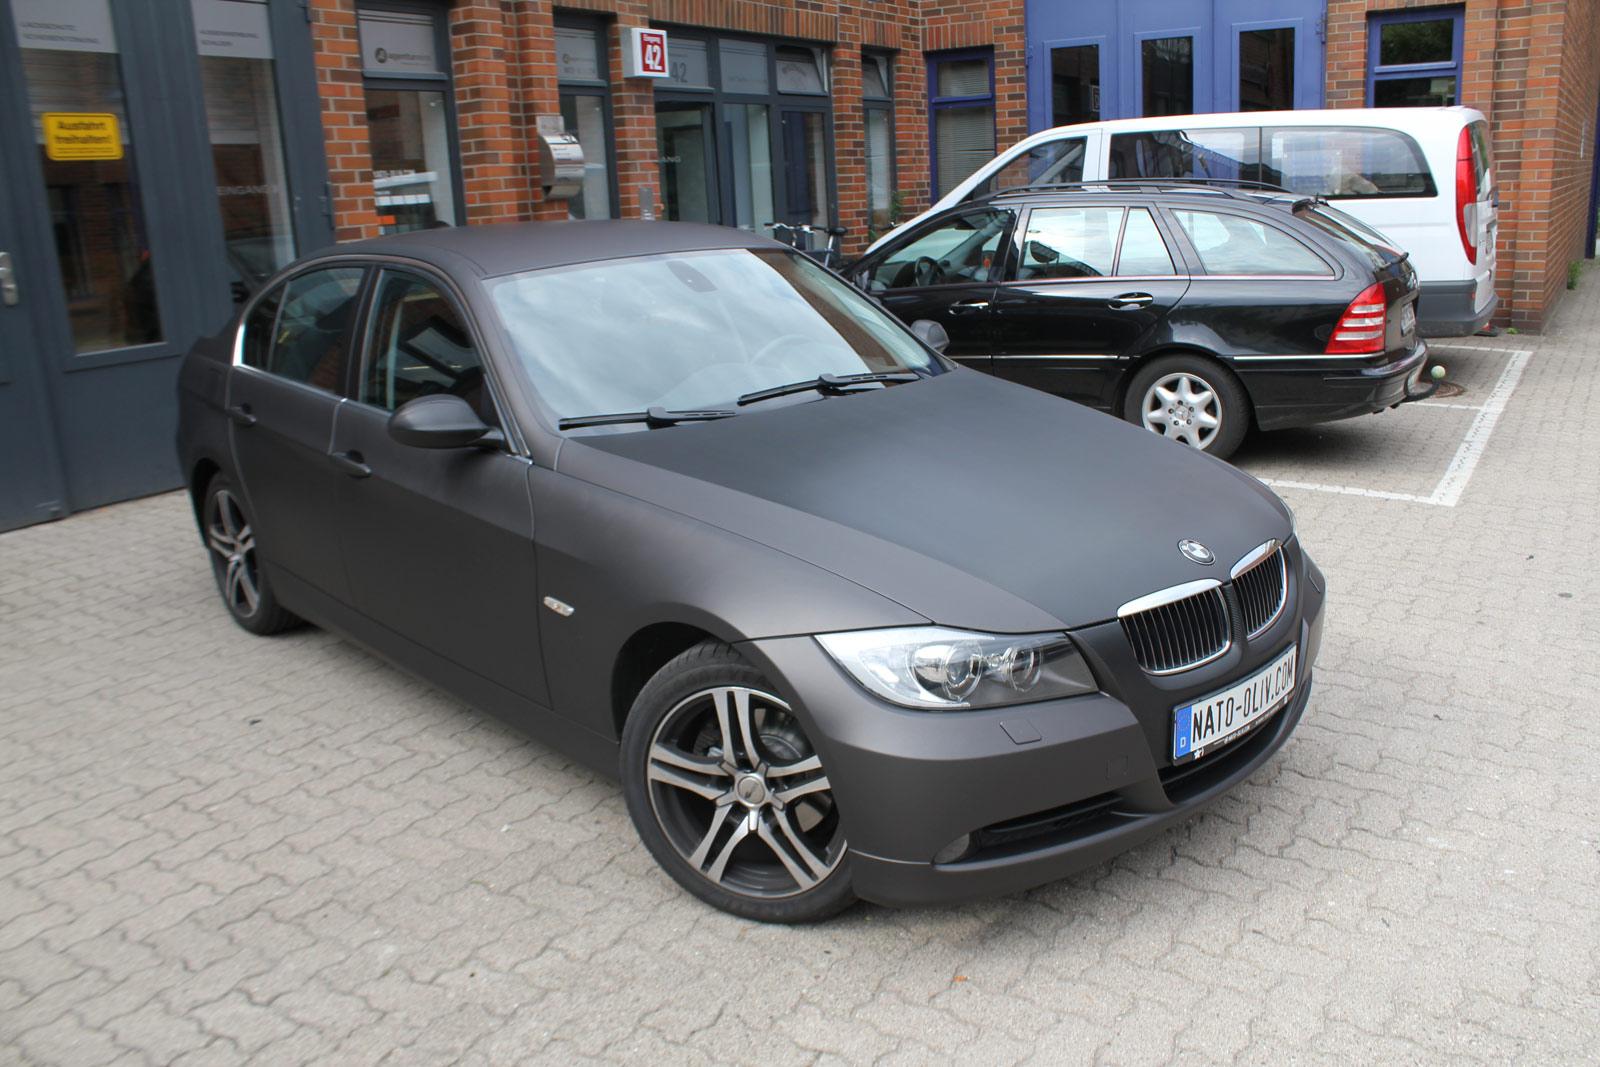 BMW 3er komplette Folierung in schwarz braun matt metallic und Teile in Carbon-Folie.